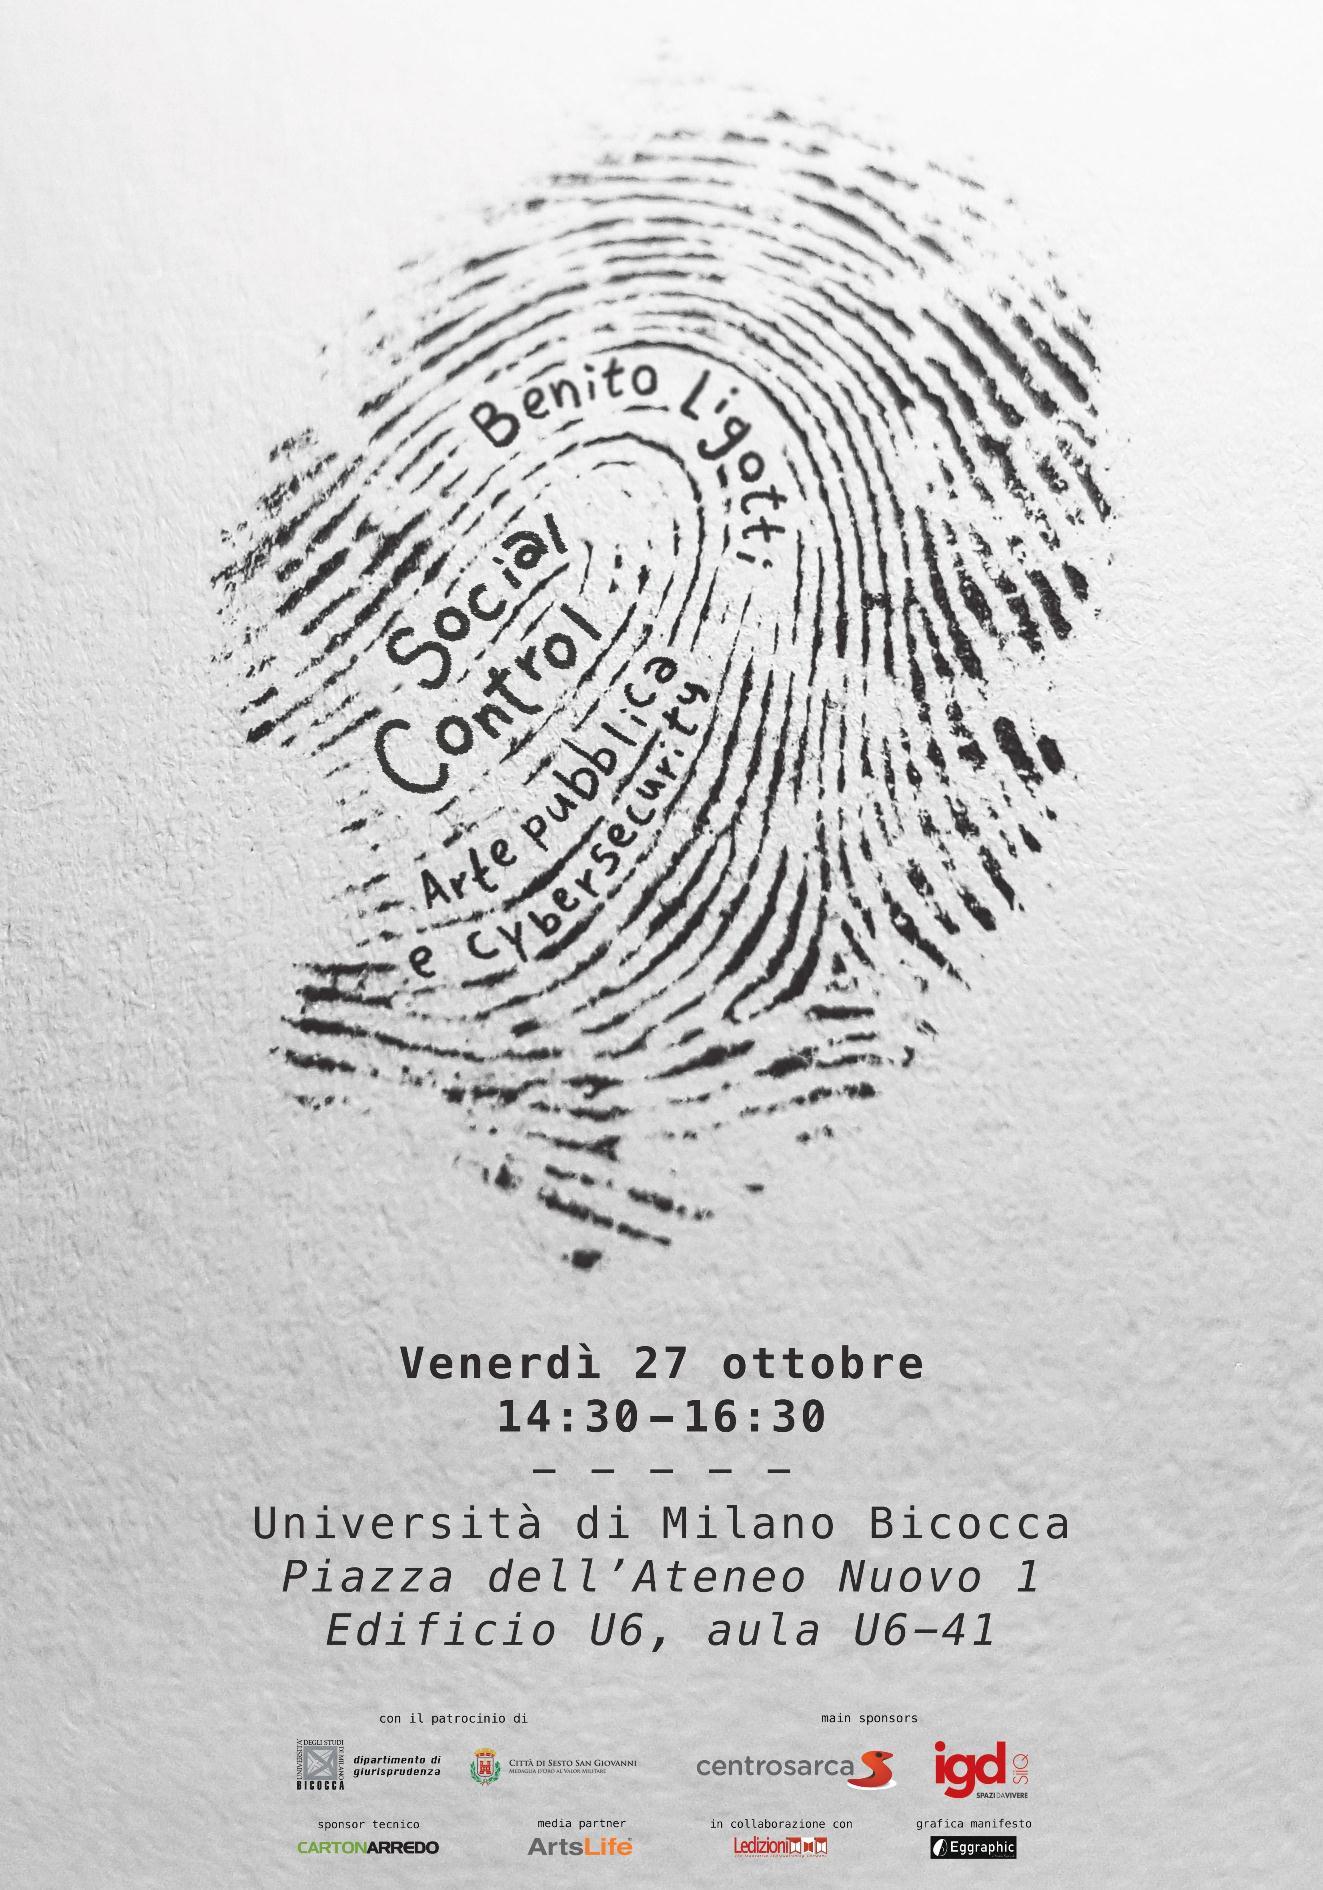 invito social control 27 ottobre 2017